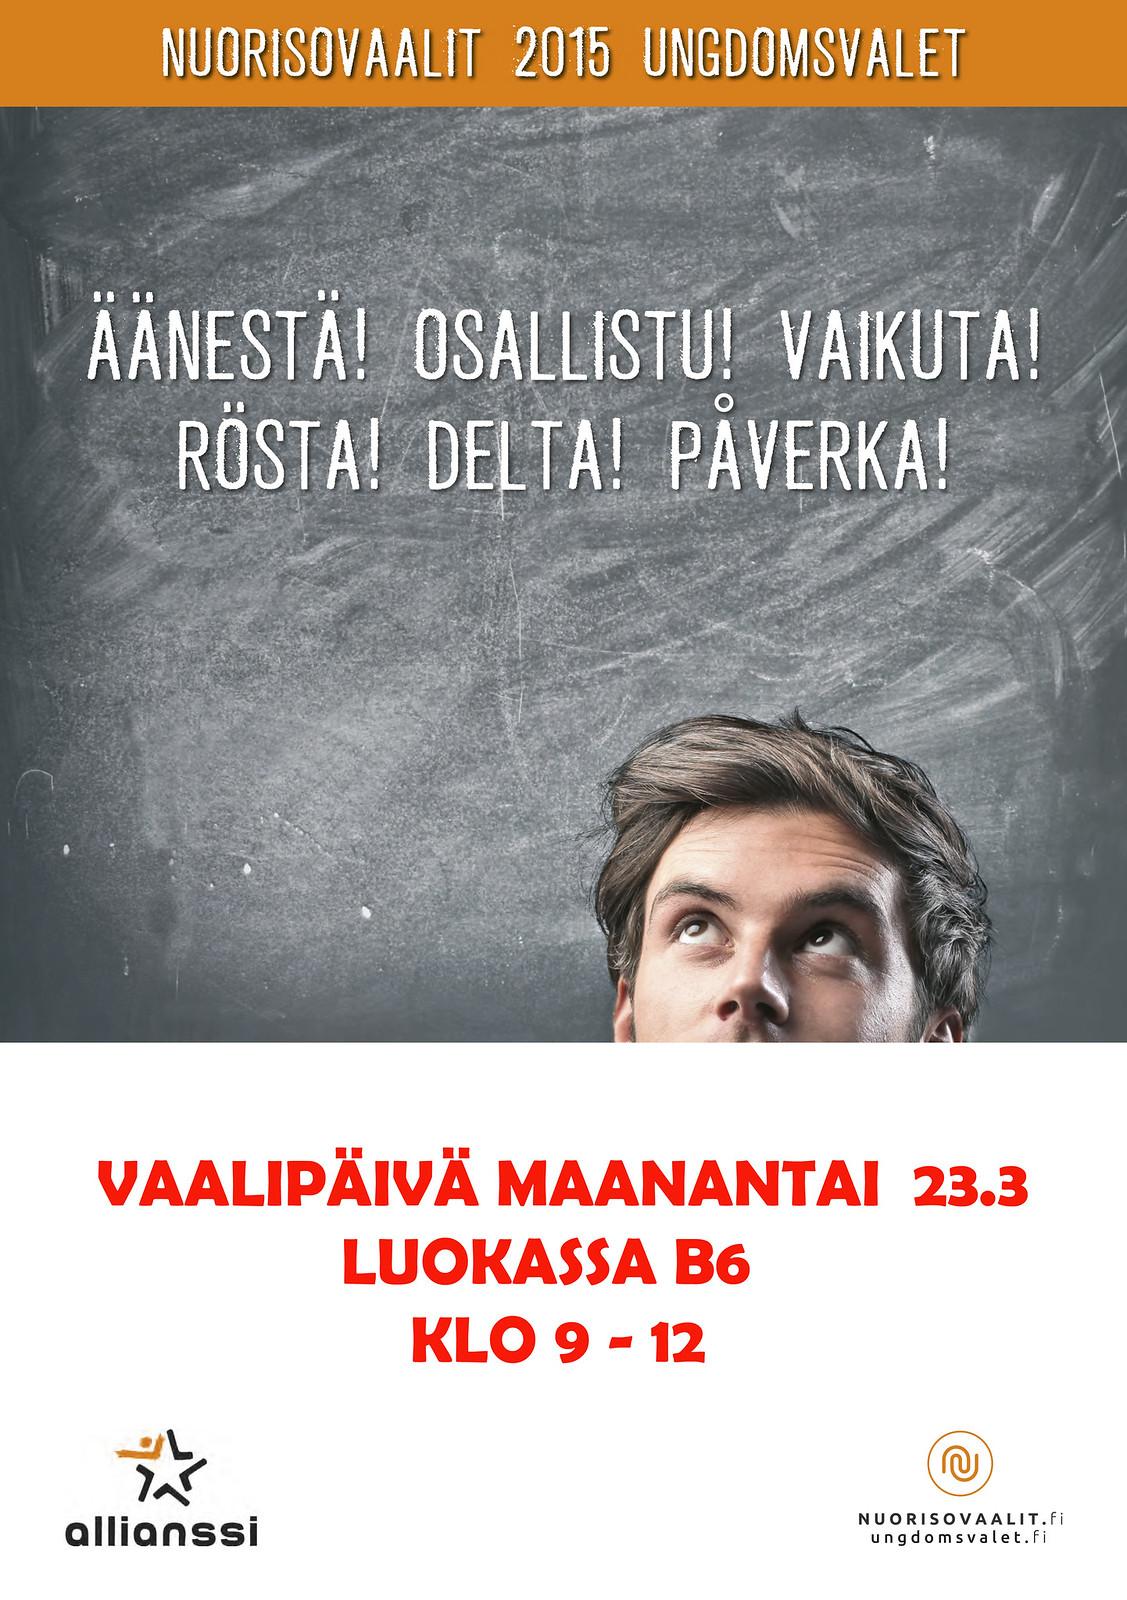 NUORISOVAALIT JULLARI A3.indd